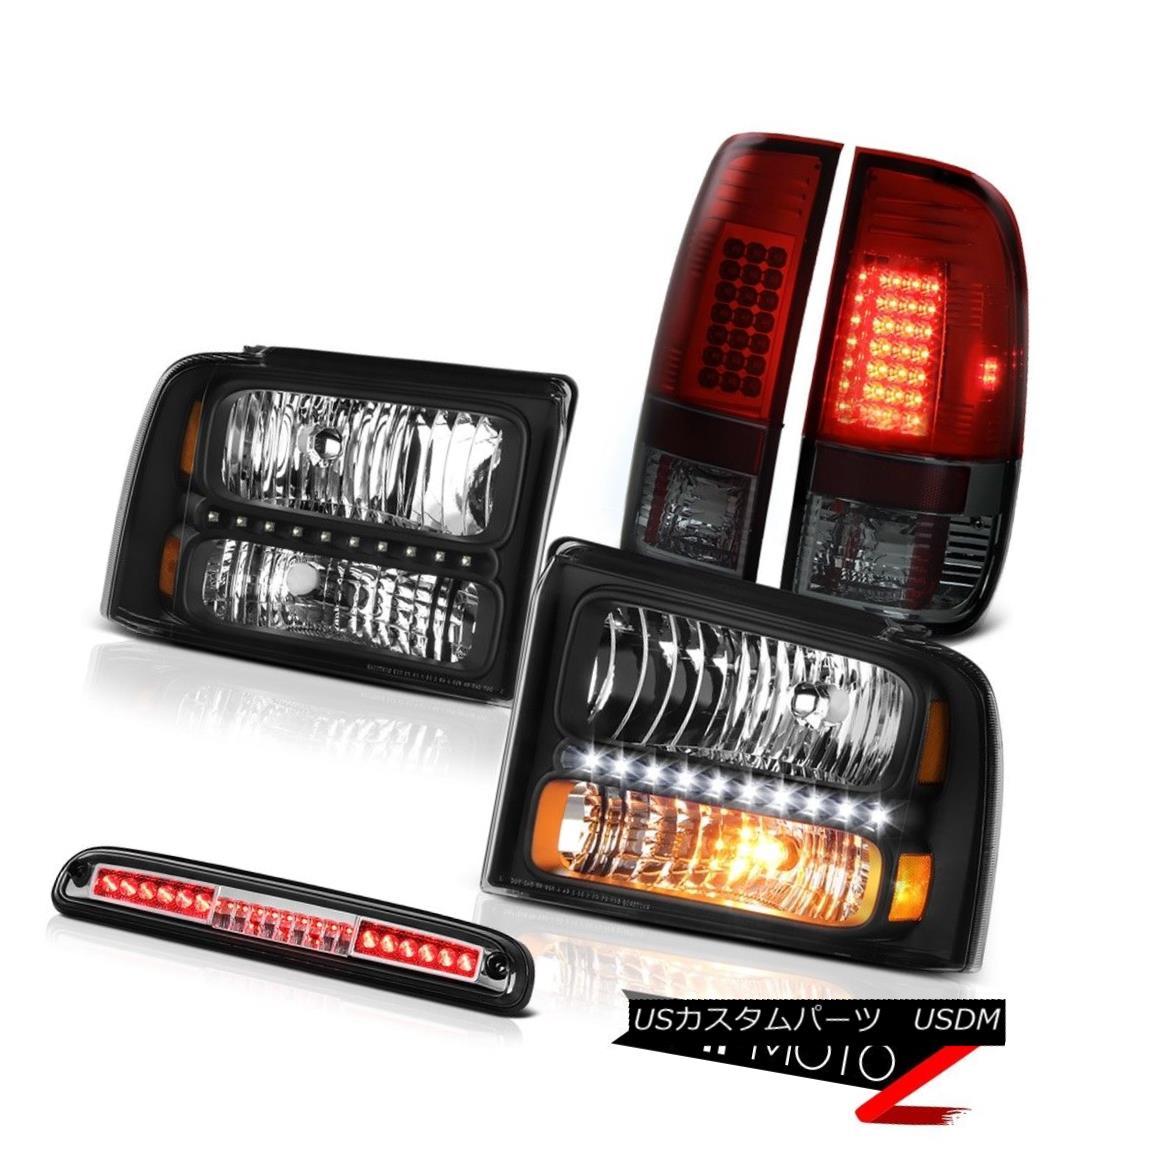 ヘッドライト 2005-2007 F250 Beast Black Headlights Smokey Red L.E.D Tail Lights 3rd Brake LED 2005-2007 F250ビーストブラックヘッドライトスモーキーレッドL.E.Dテールライト第3ブレーキLED